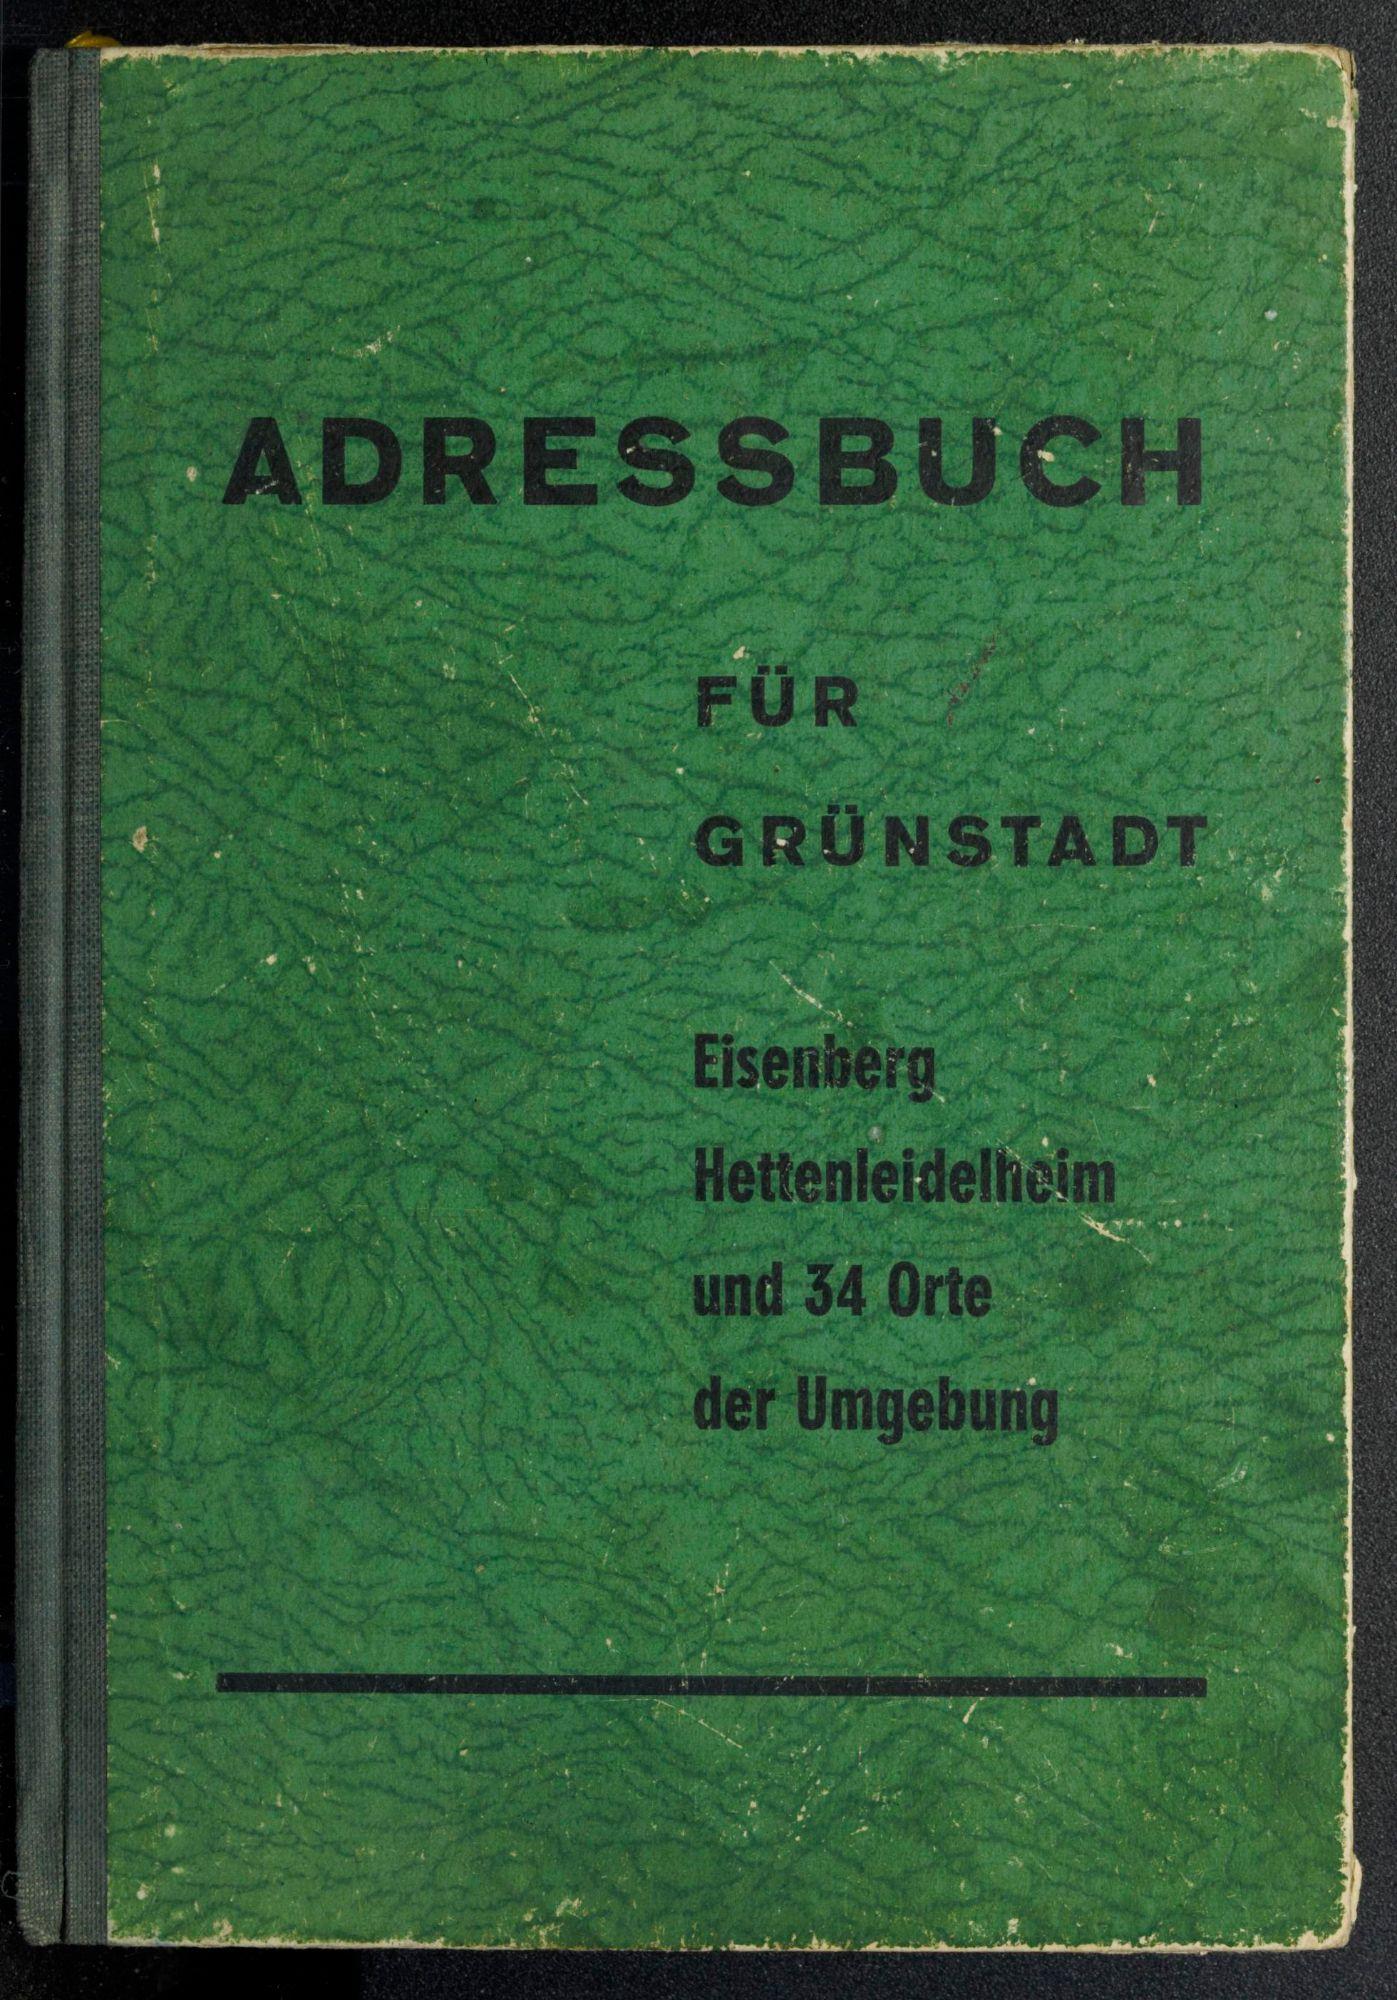 Adressbuch Grünstadt (Rheinland-Pfalz) 1955